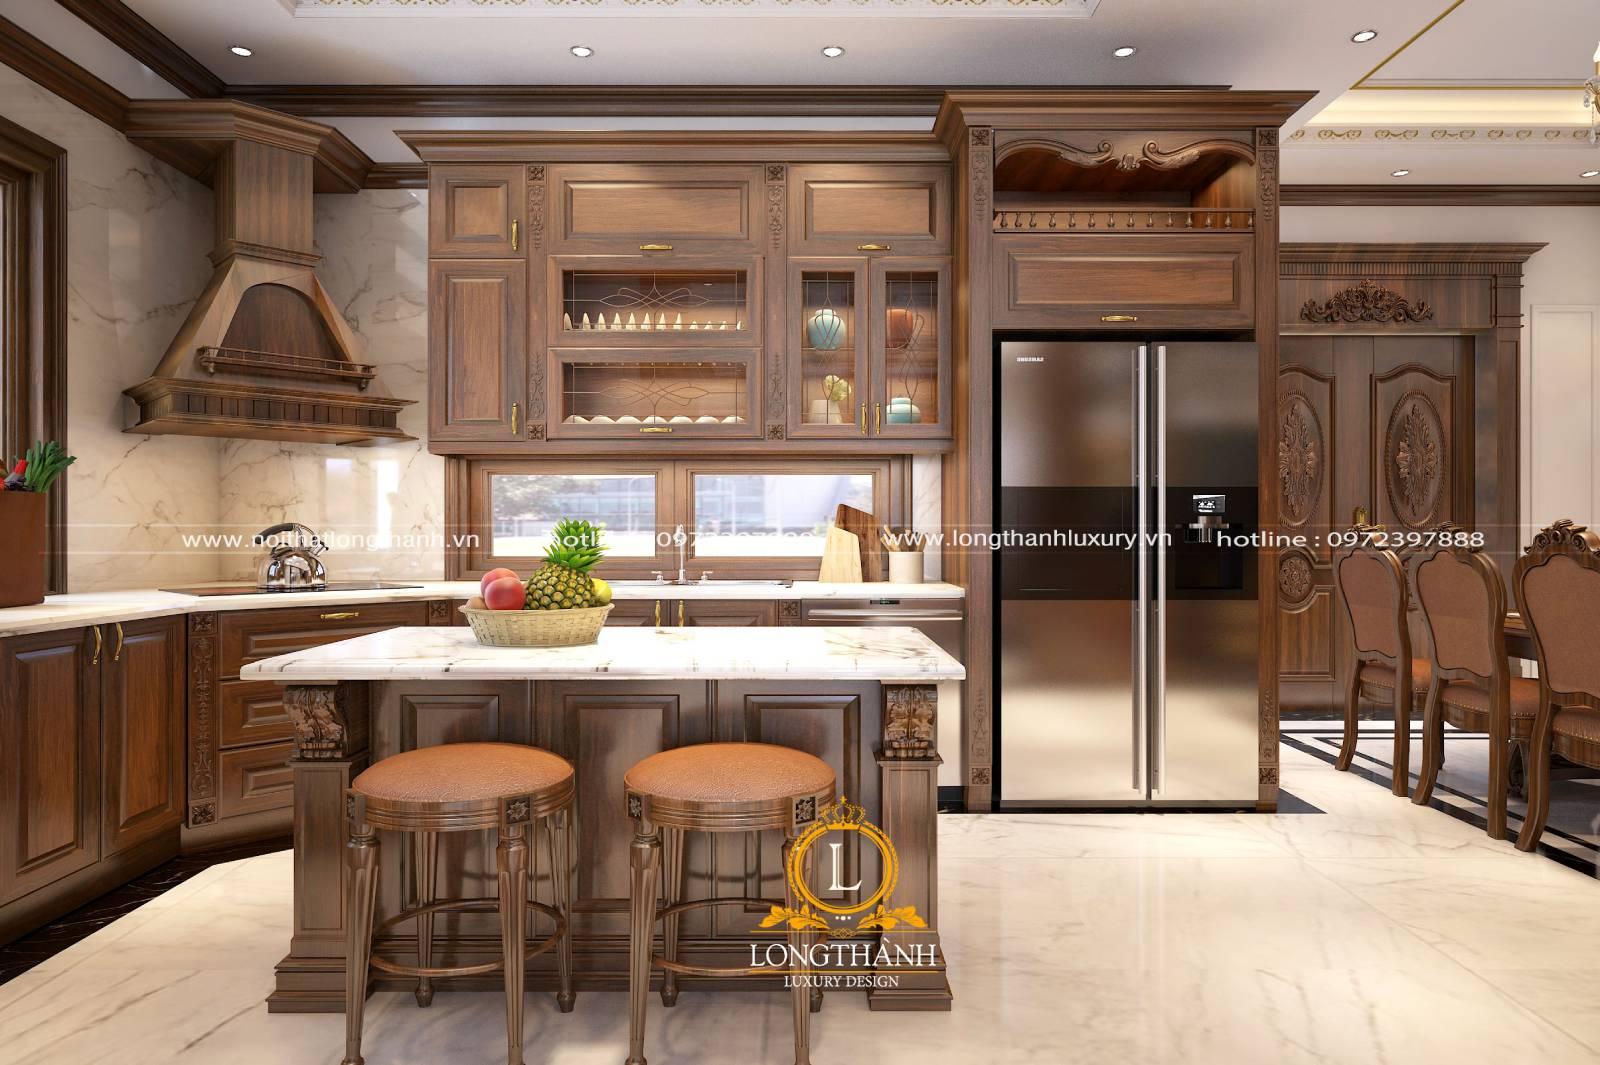 Mẫu tủ bếp gỗ Gõ dnfh cho những ai yêu thích chất liệu cùng màu nâu tự nhiên